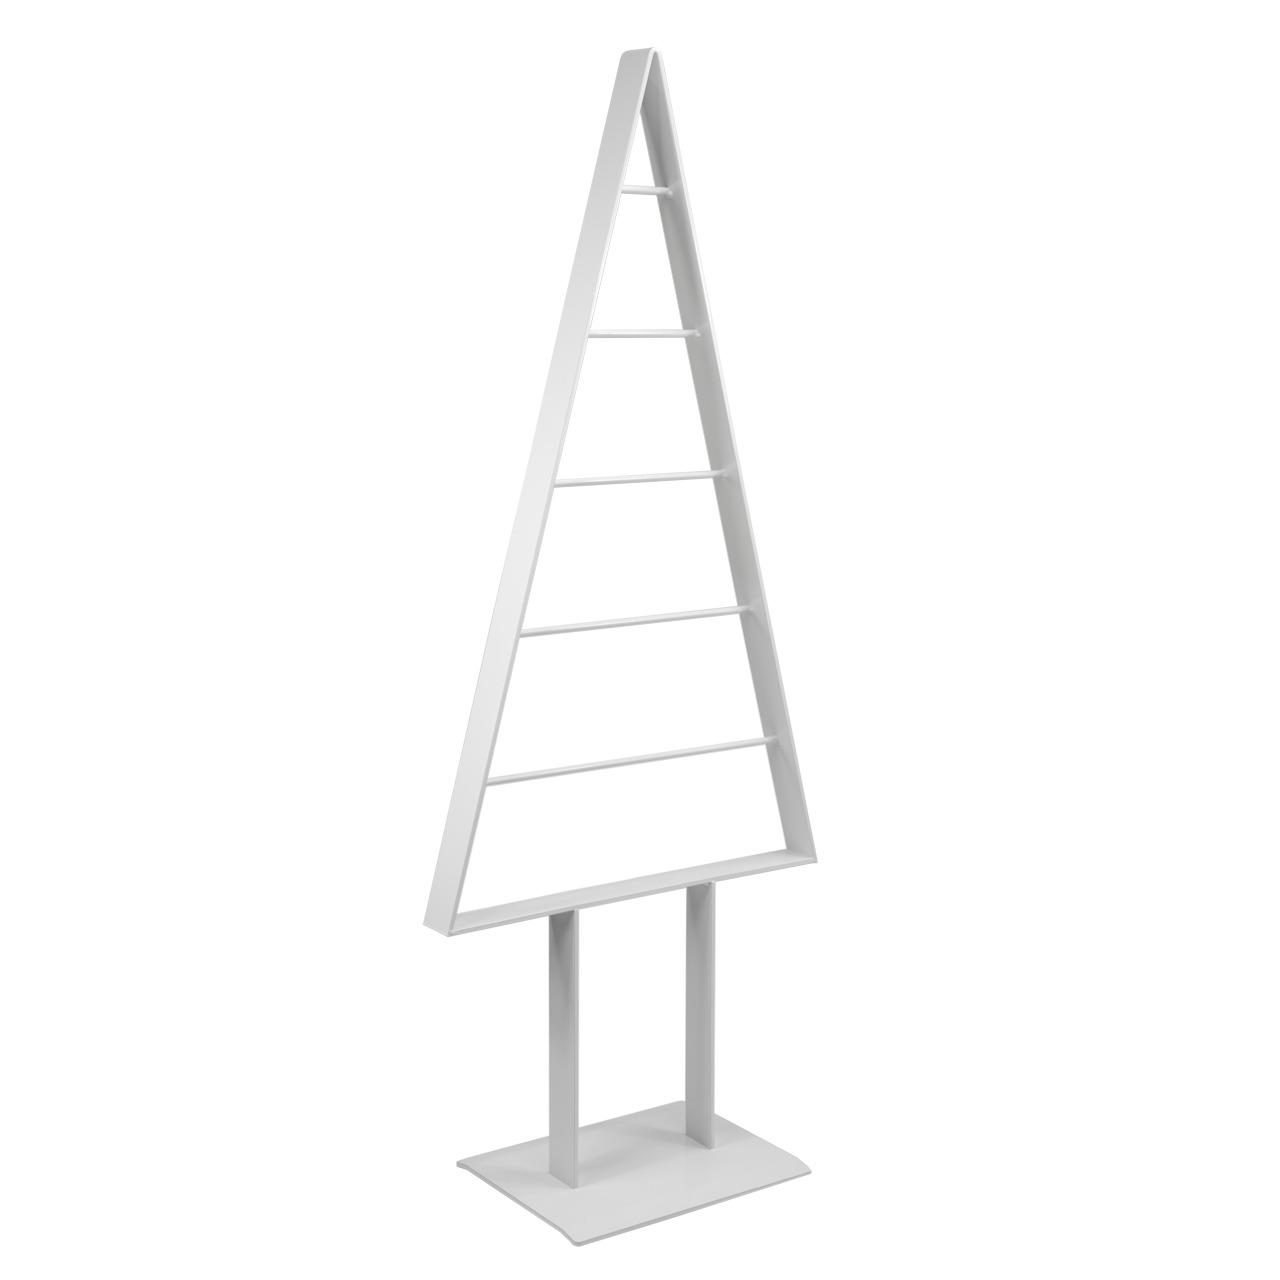 Metall-Weihnachtsbaum (Weiß)